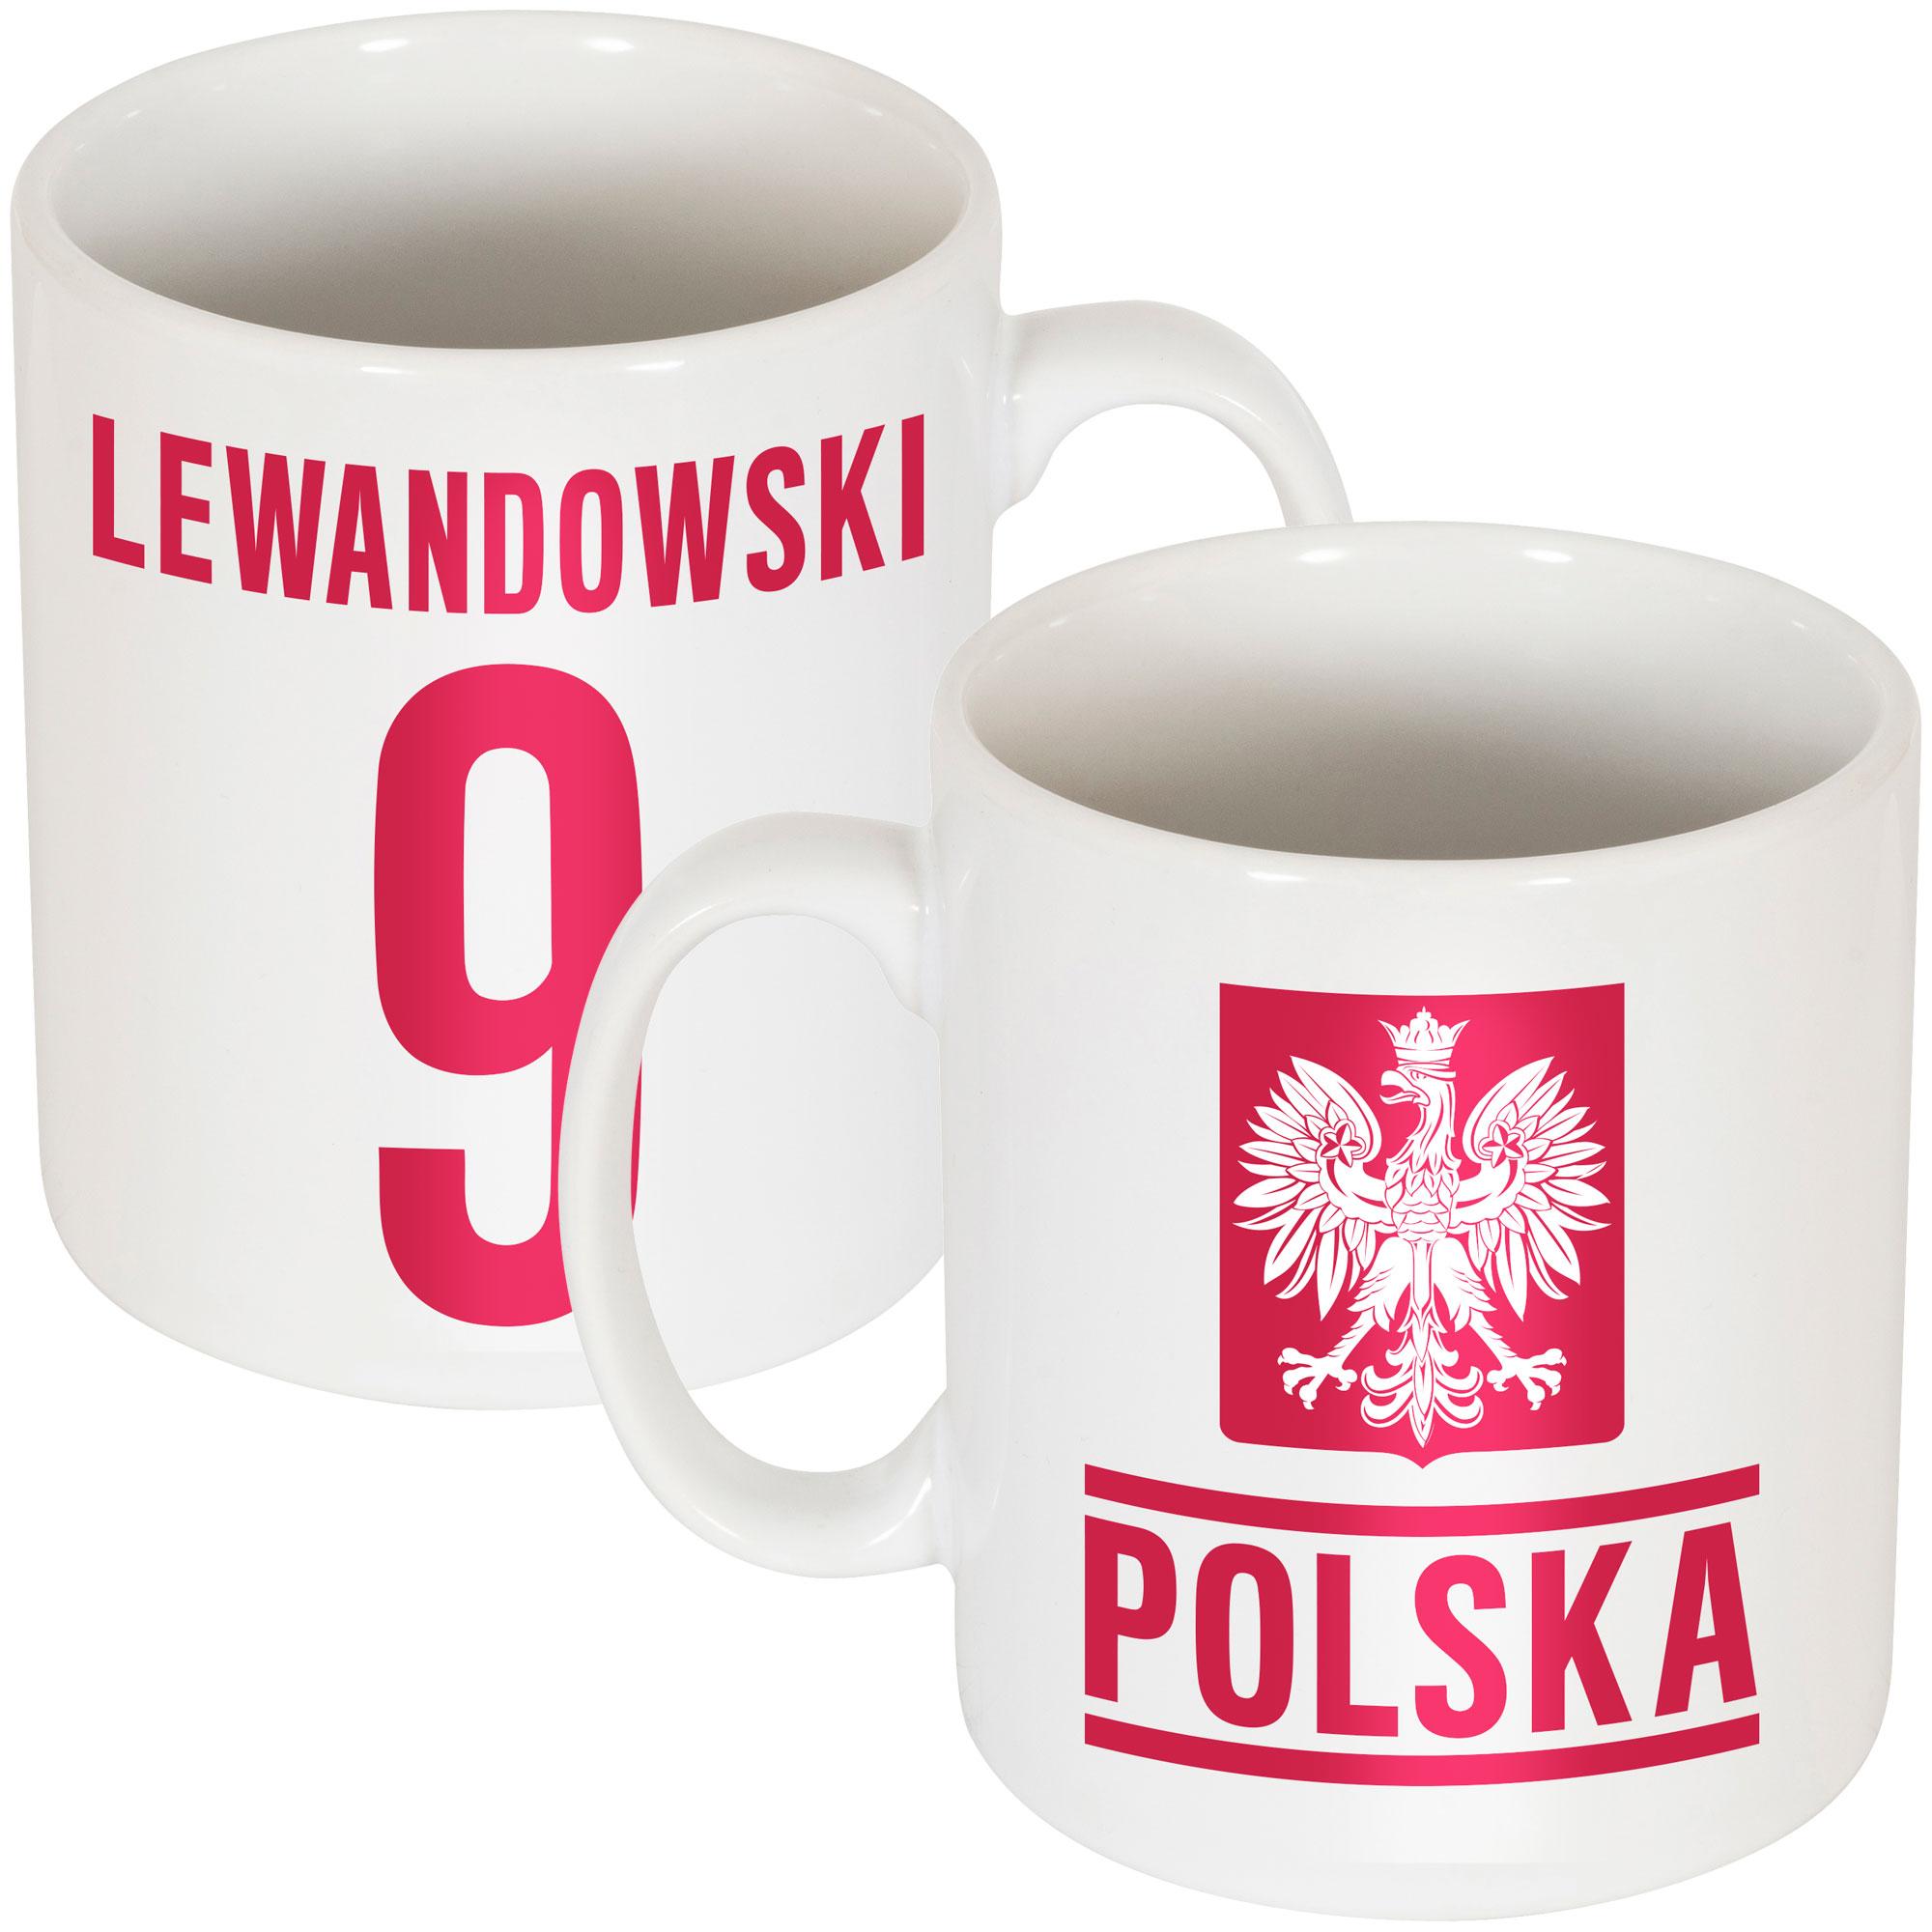 Poland Lewandowski Team Mug - OS